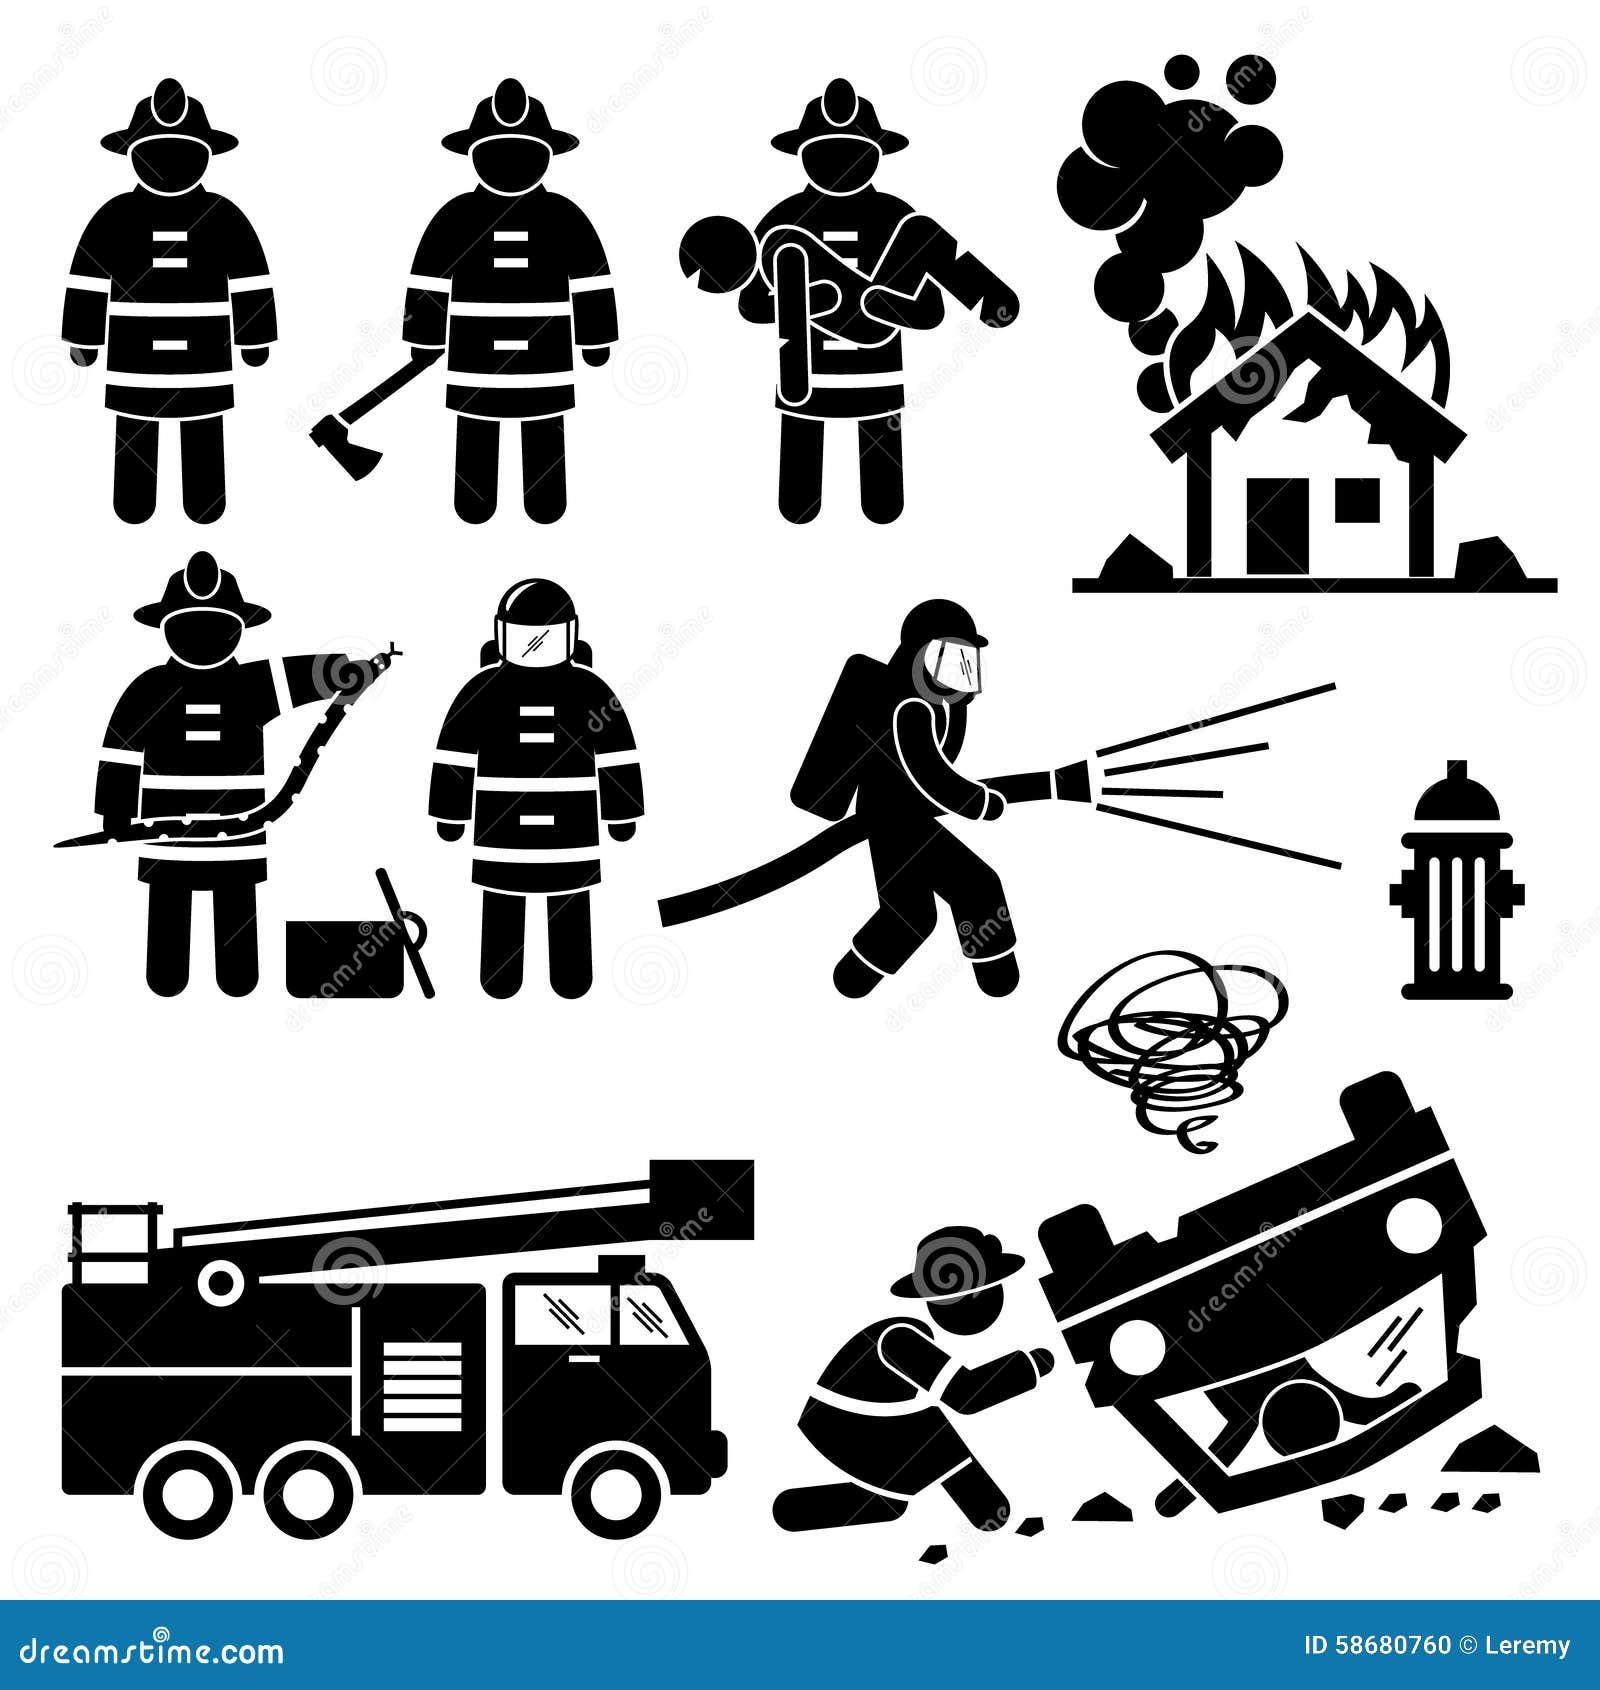 Feuerwehrmann Fireman Rescue Cliparts Vektor Abbildung